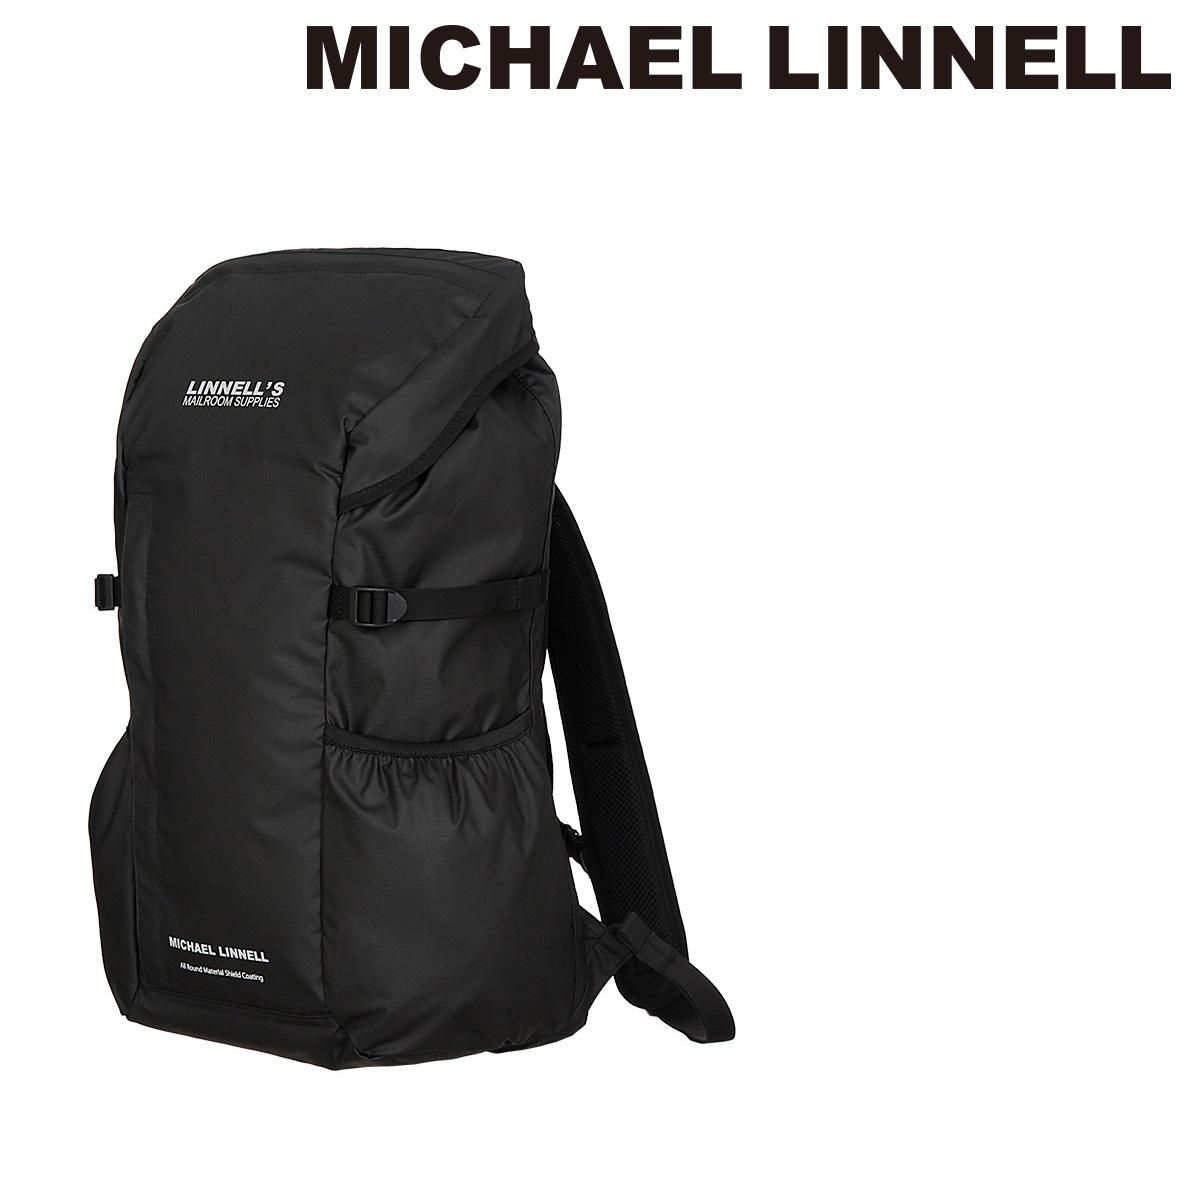 マイケルリンネル リュック MLAC-02 MICHAEL LINNELL【bef】【PO10】